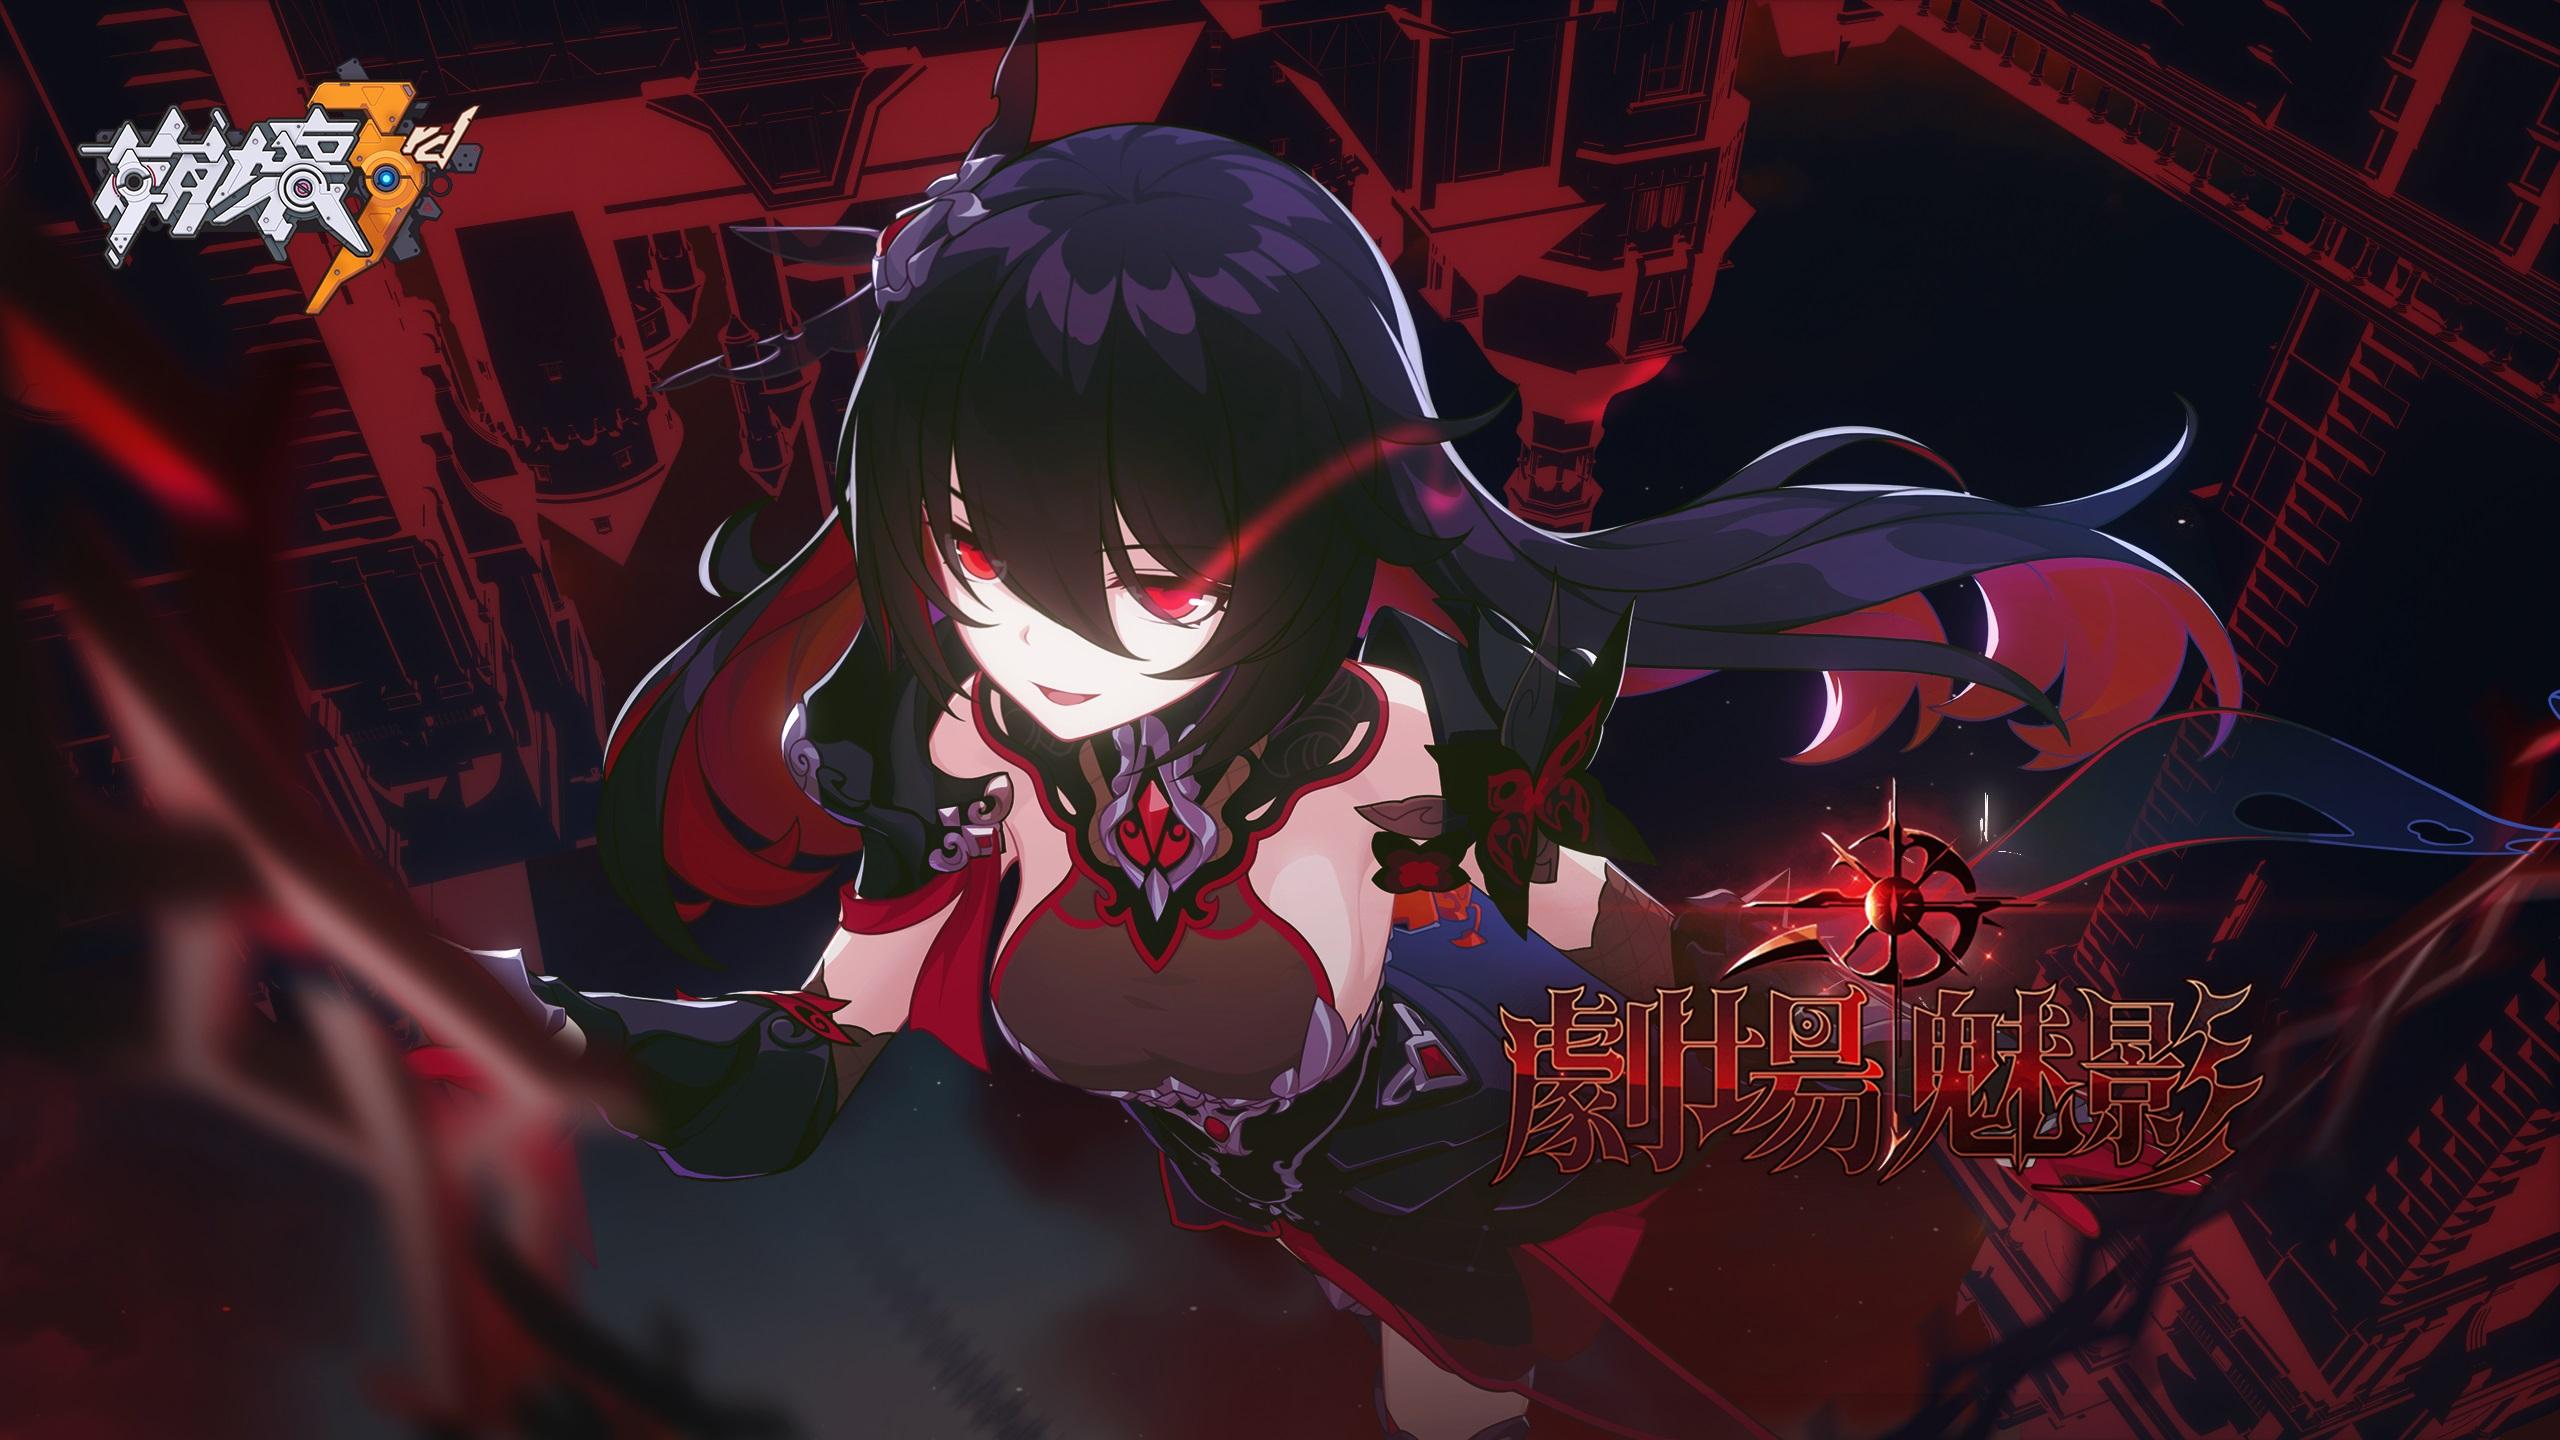 《崩壞3rd》將於5月27日更新4.8版本「劇場魅影」,全新S級女武神「魘夜星淵」與四周年福利來襲